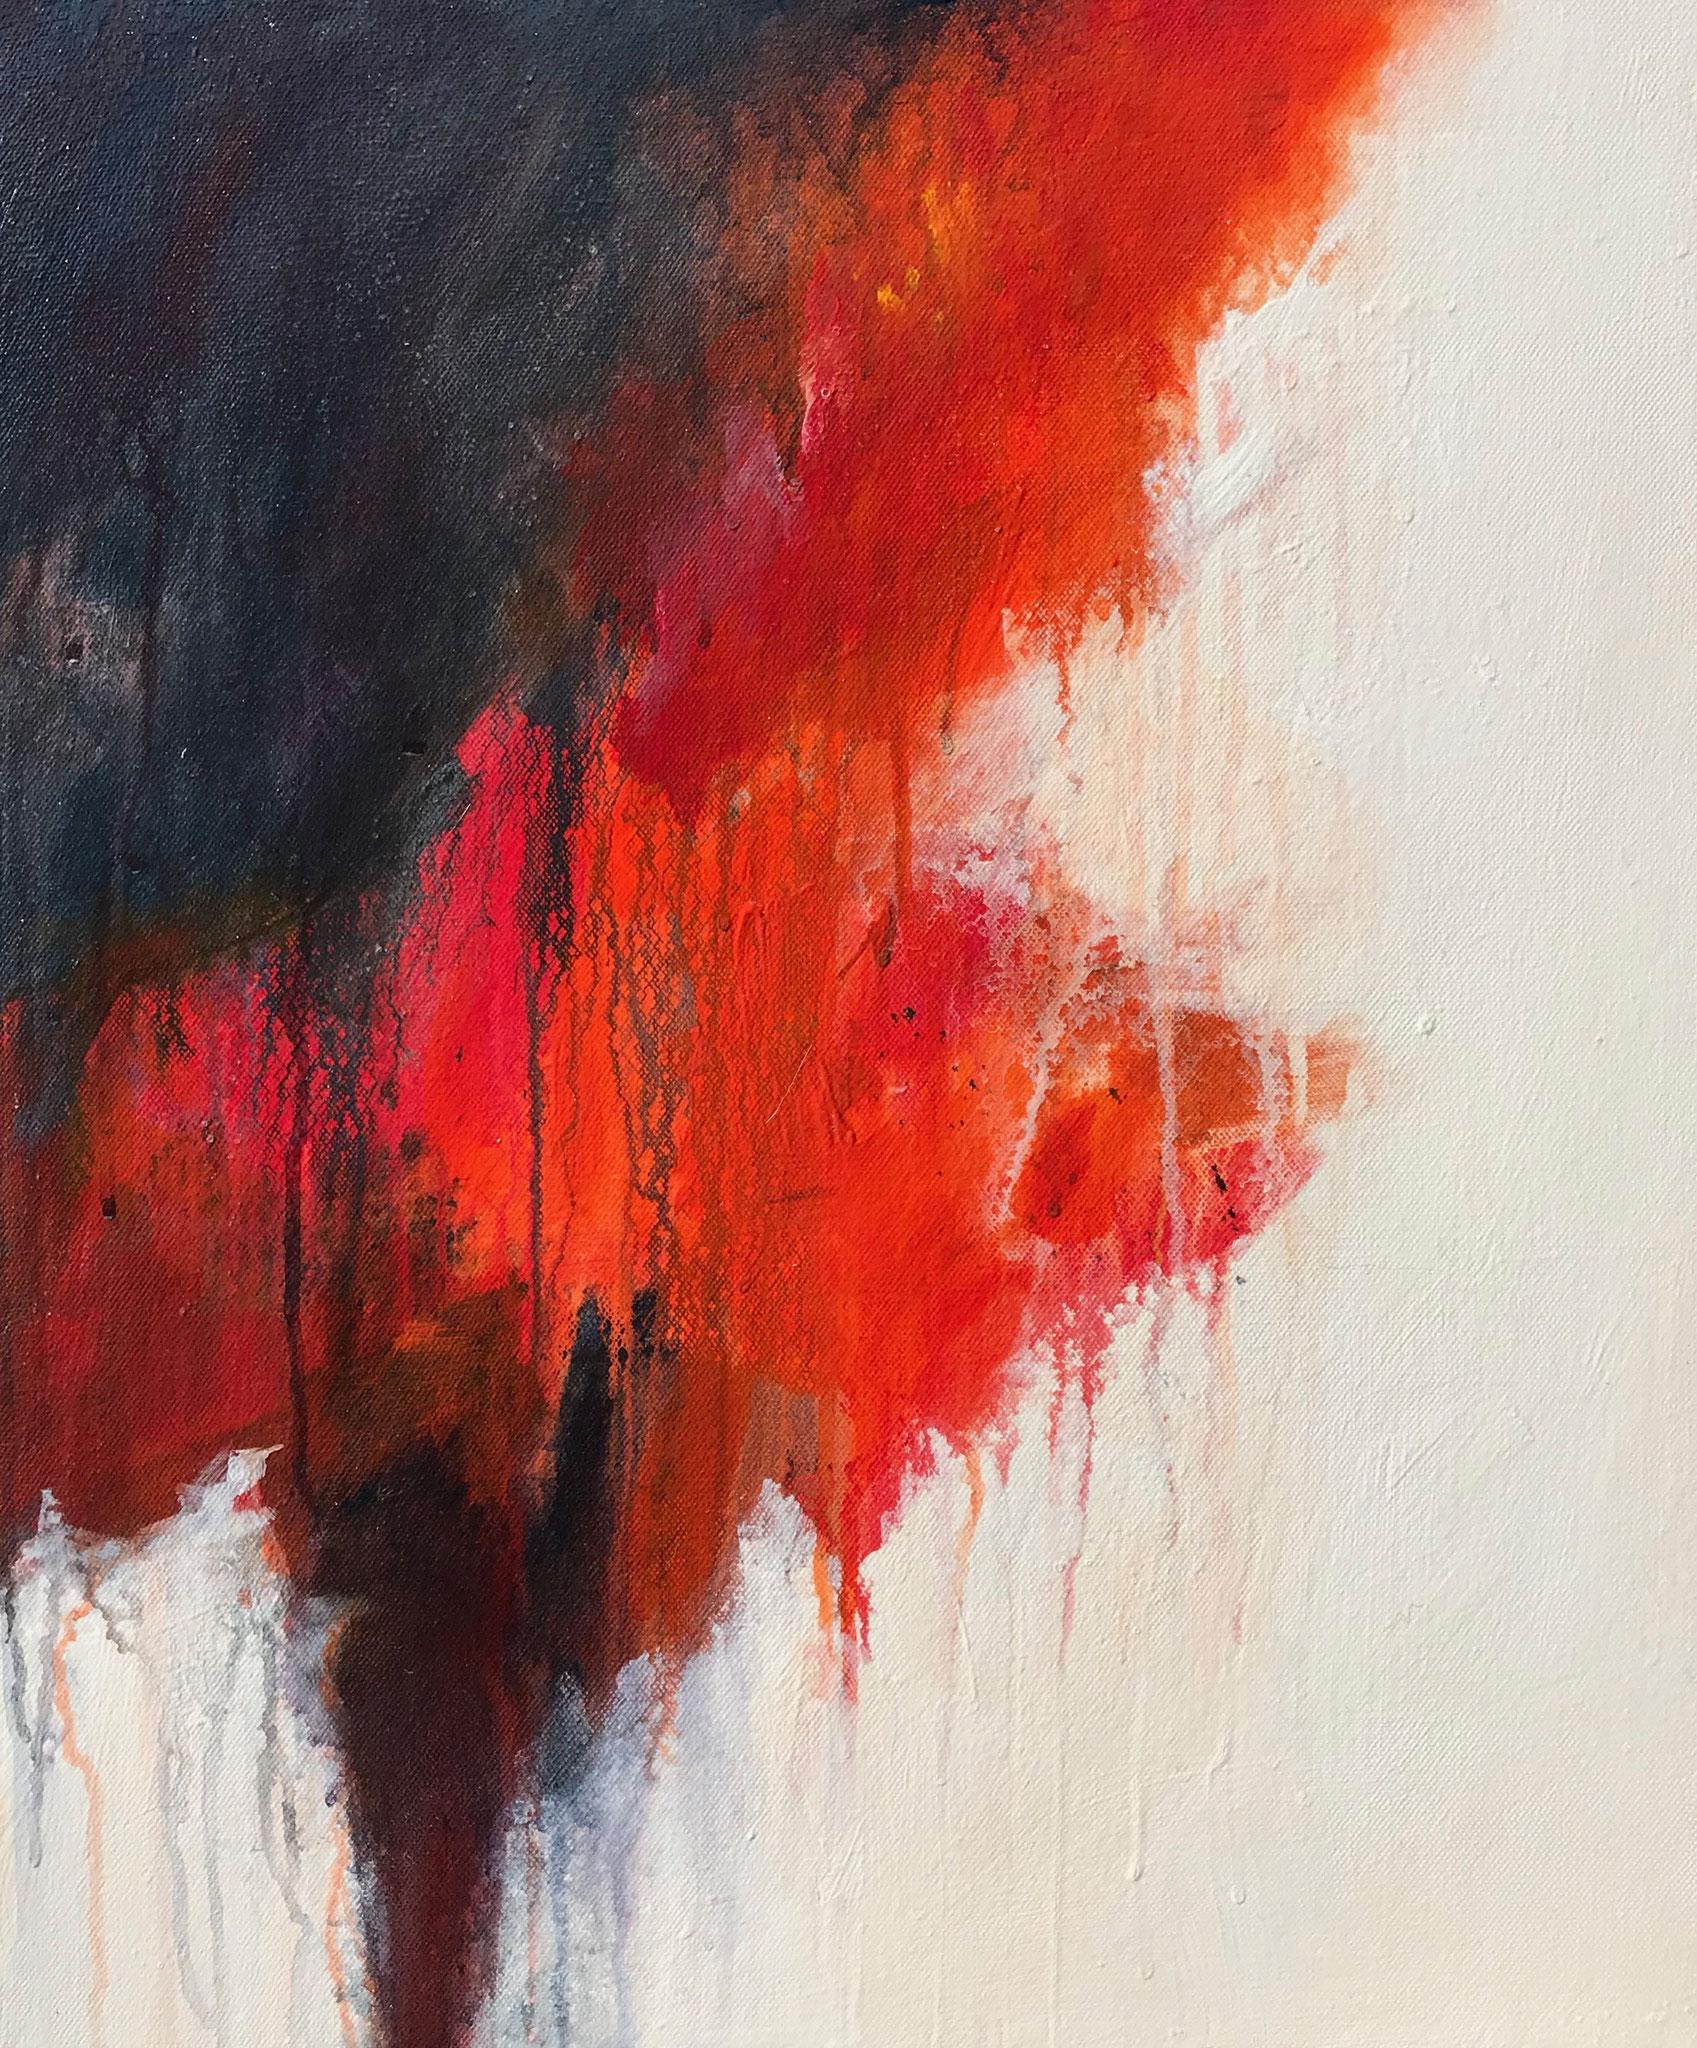 Les Enfers # 1 - 55 x 46 cm - Acrylique sur toile - 2019